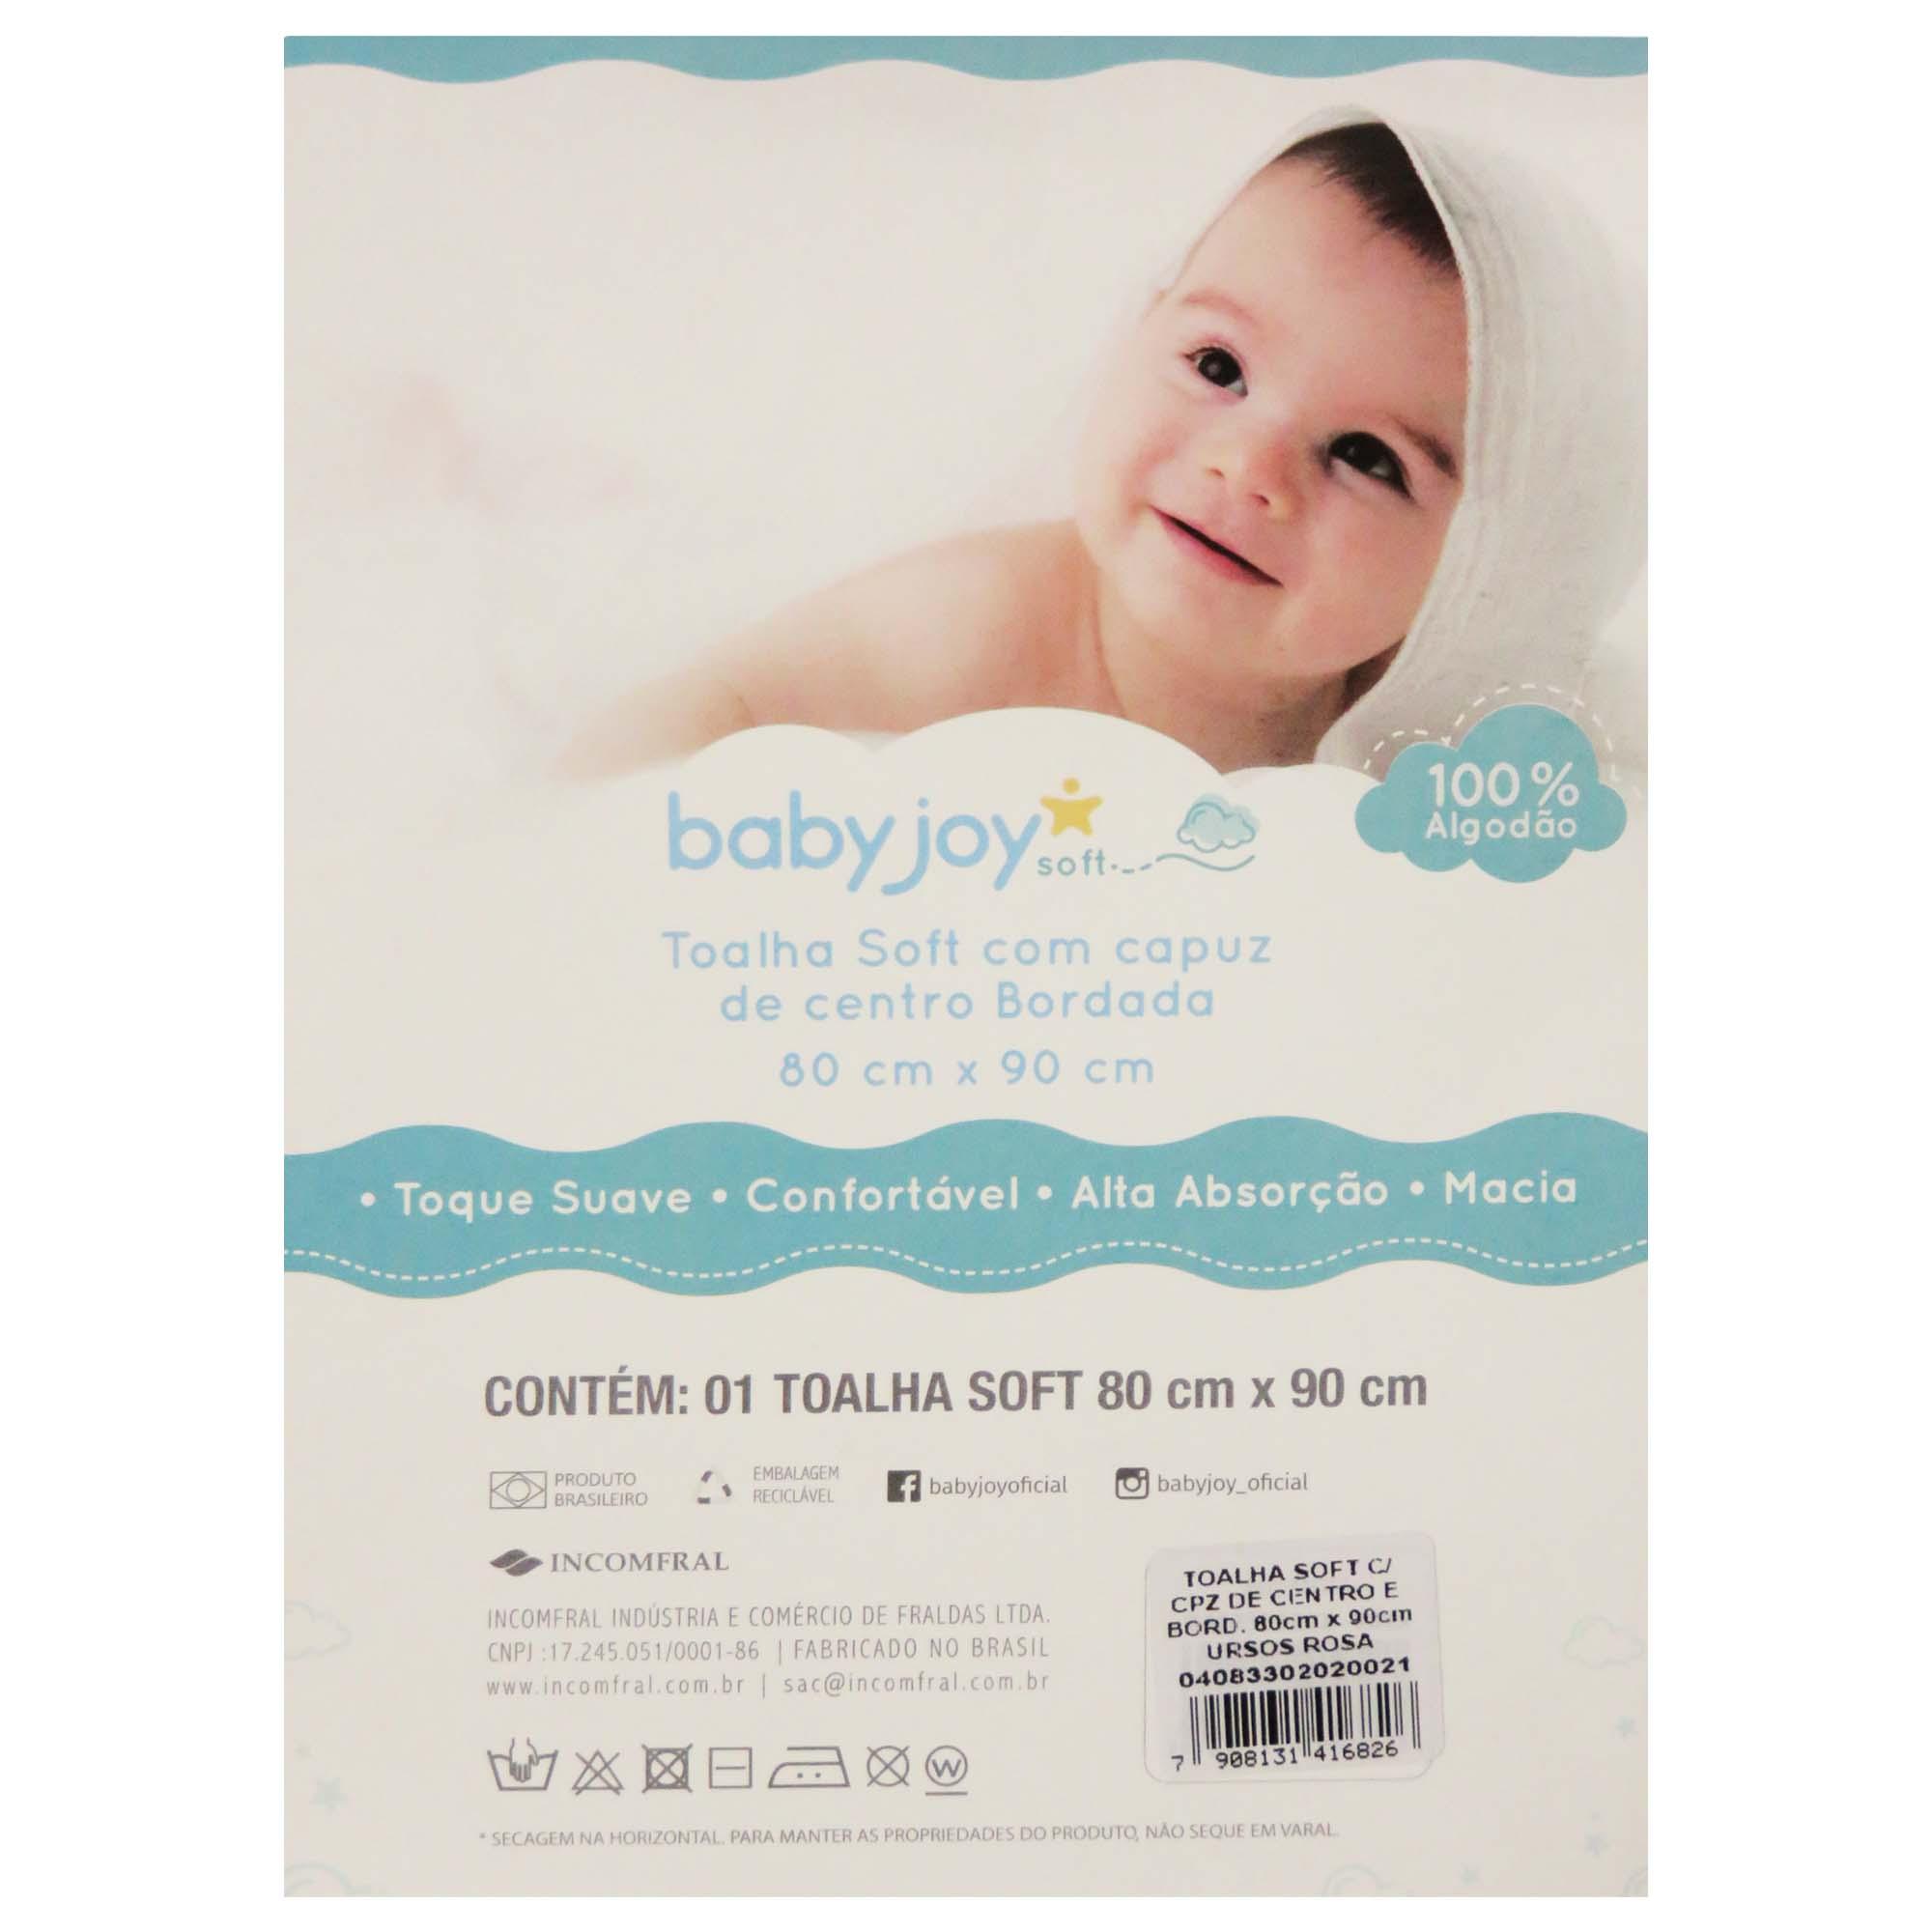 Toalha Soft com Capuz de Centro Bordada - Incomfral - BabyJoy - Alfabeto